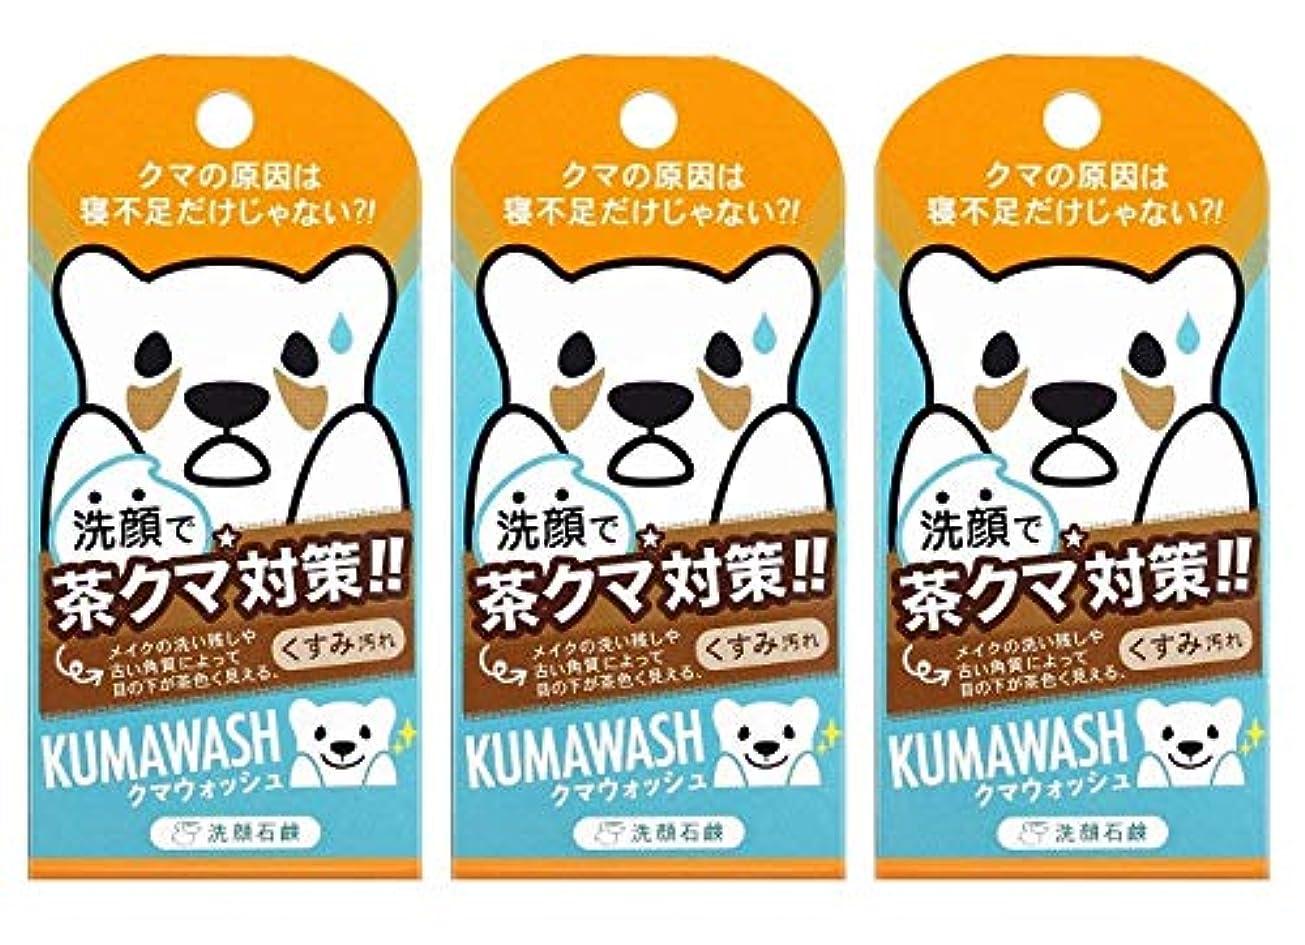 放出ホイップ昇る【3個セット】ペリカン クマウォッシュ洗顔石鹸 75g 【3個セット】